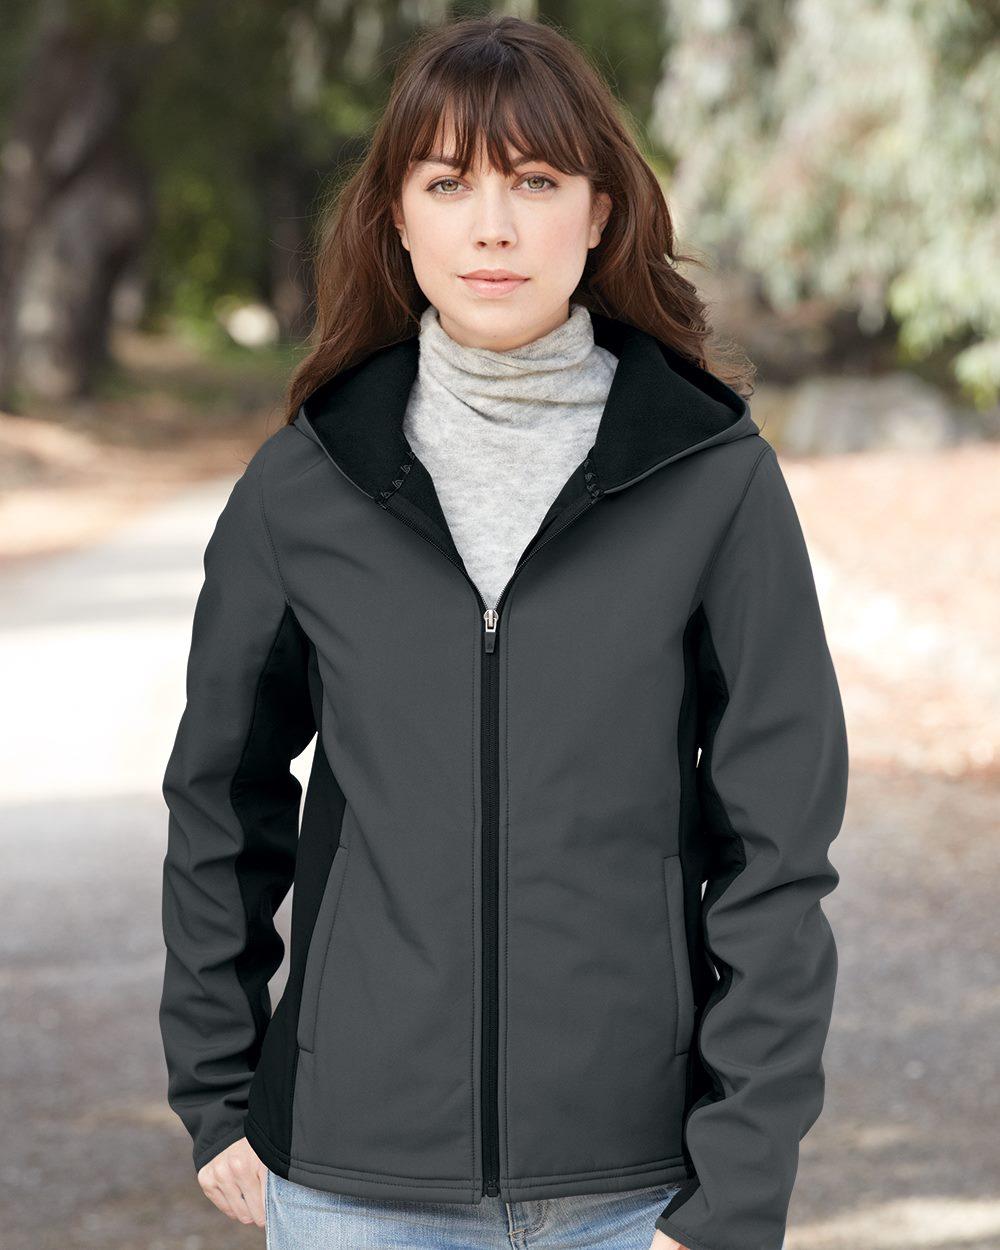 Colorado Clothing 9617 女士连帽软壳外套夹克